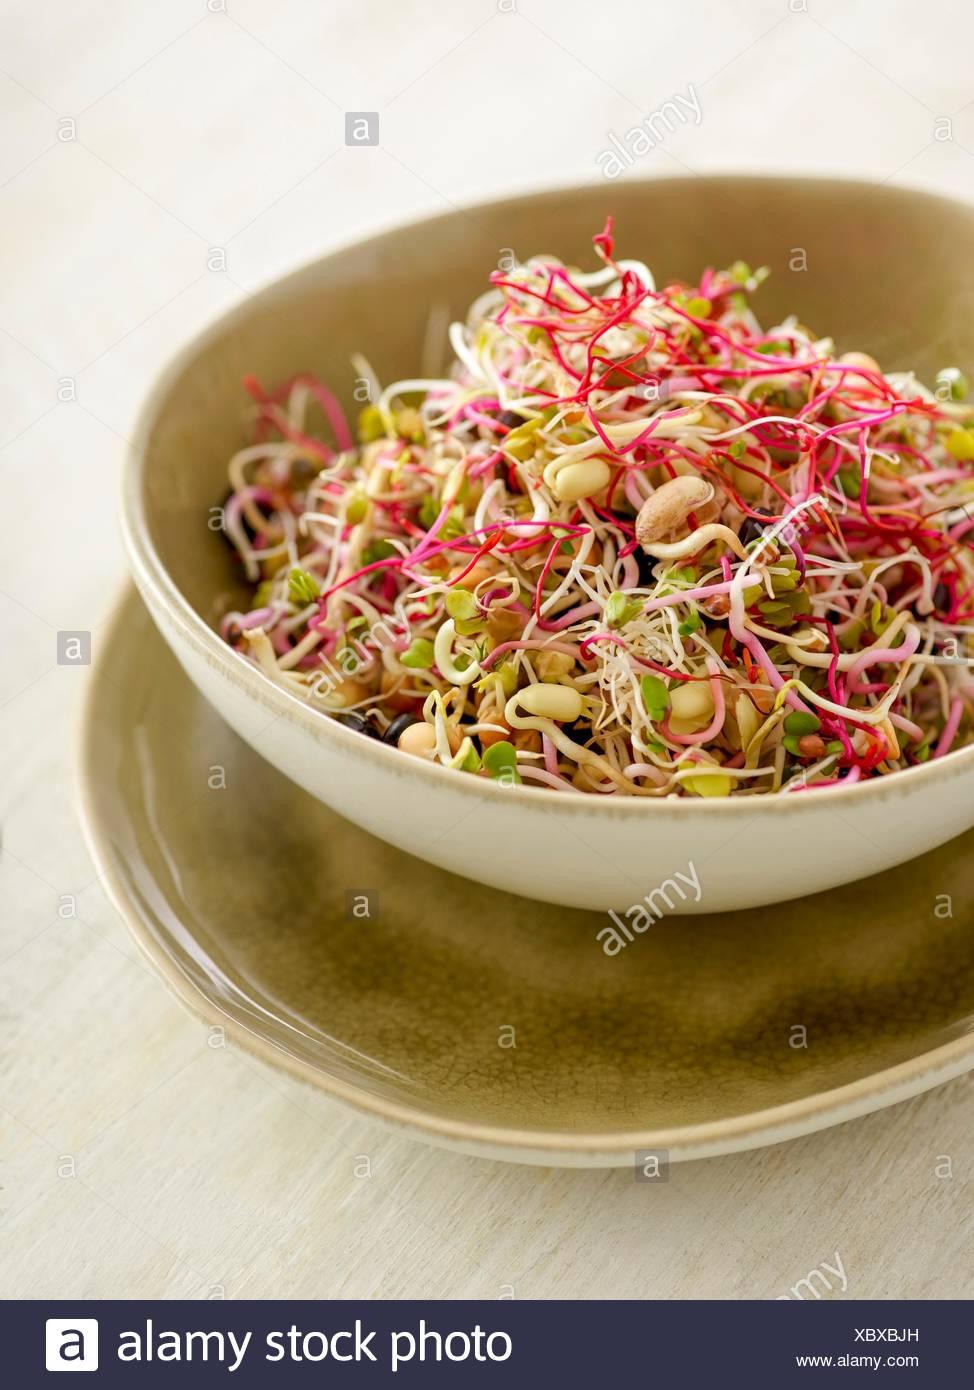 La germination des haricots dans un saladier. Photo Stock